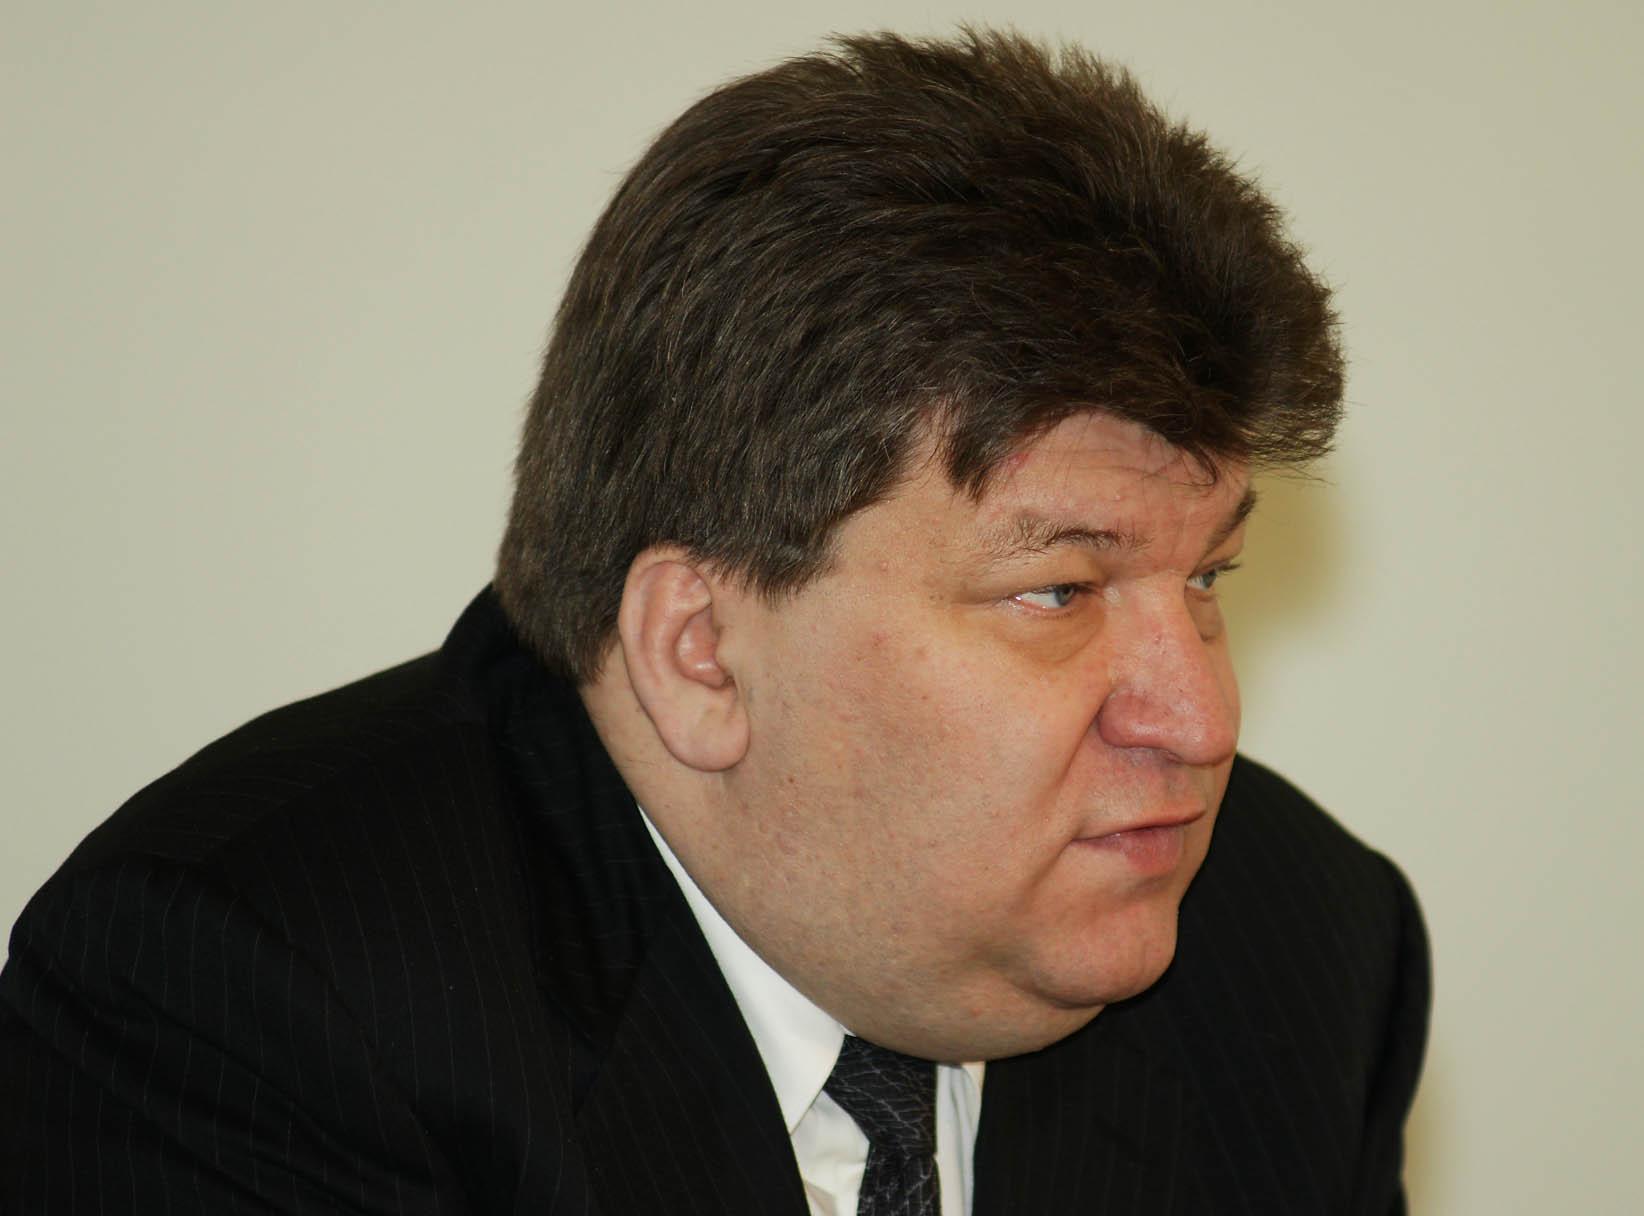 Экс-мэр Петрозаводска и бывший руководитель Рослесхоза Виктор Масляков. Фото: Губернiя Daily